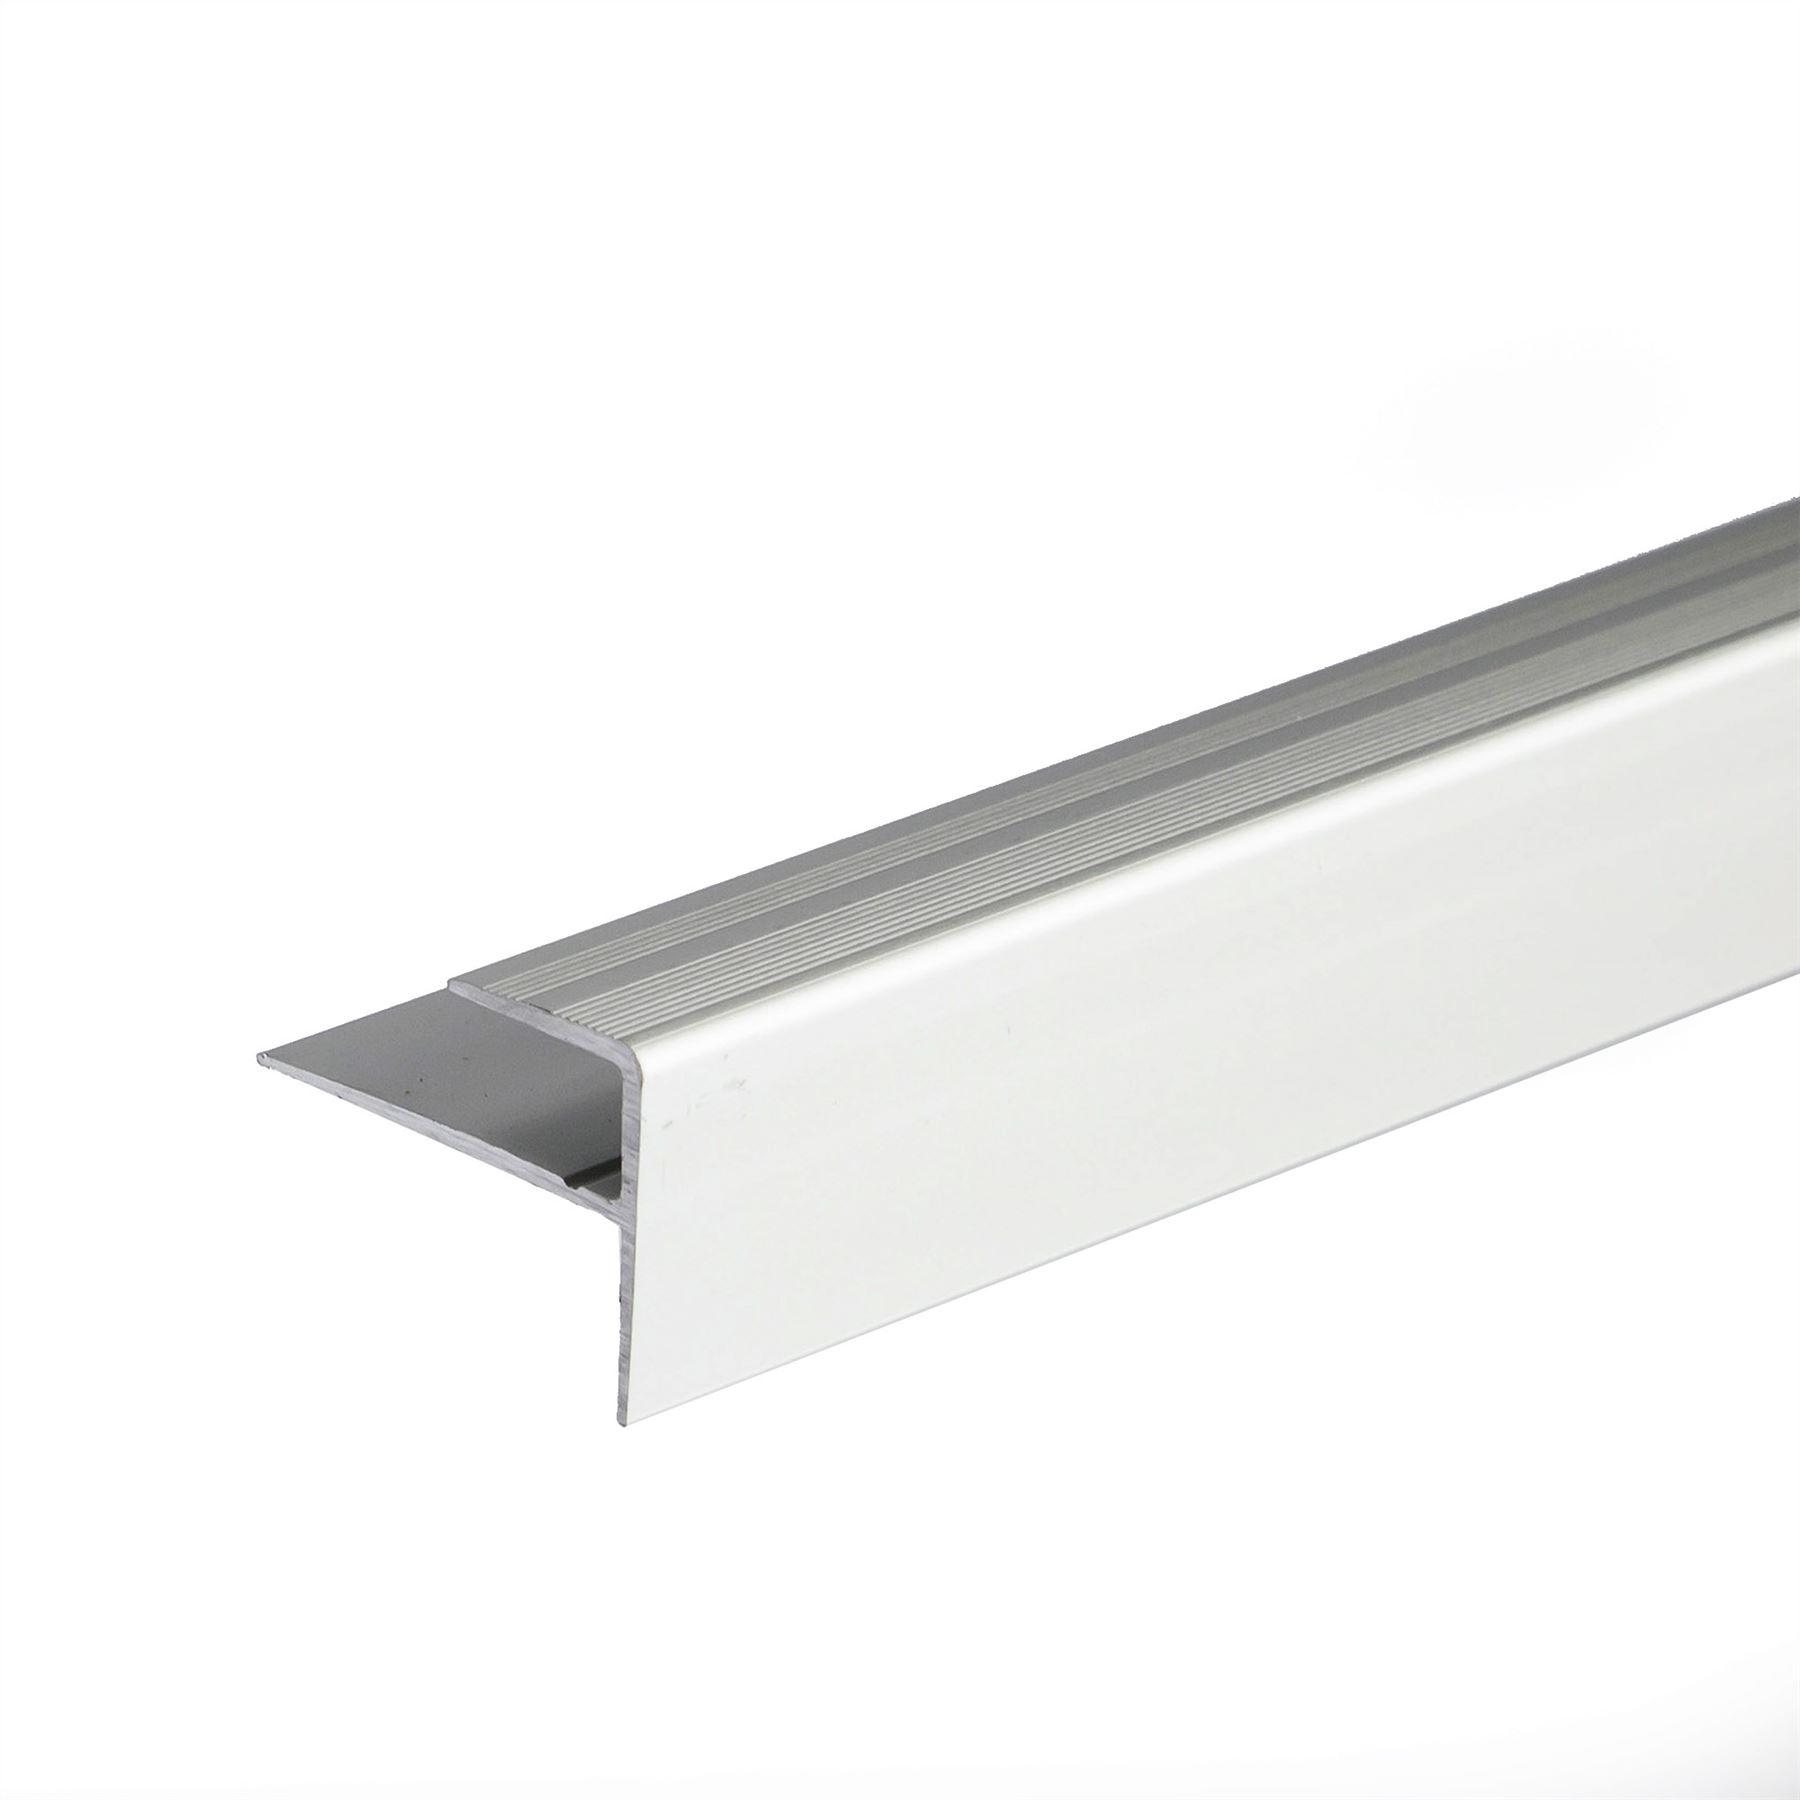 Anodised Aluminium Carpet Edge Nosing Cover Strip Door